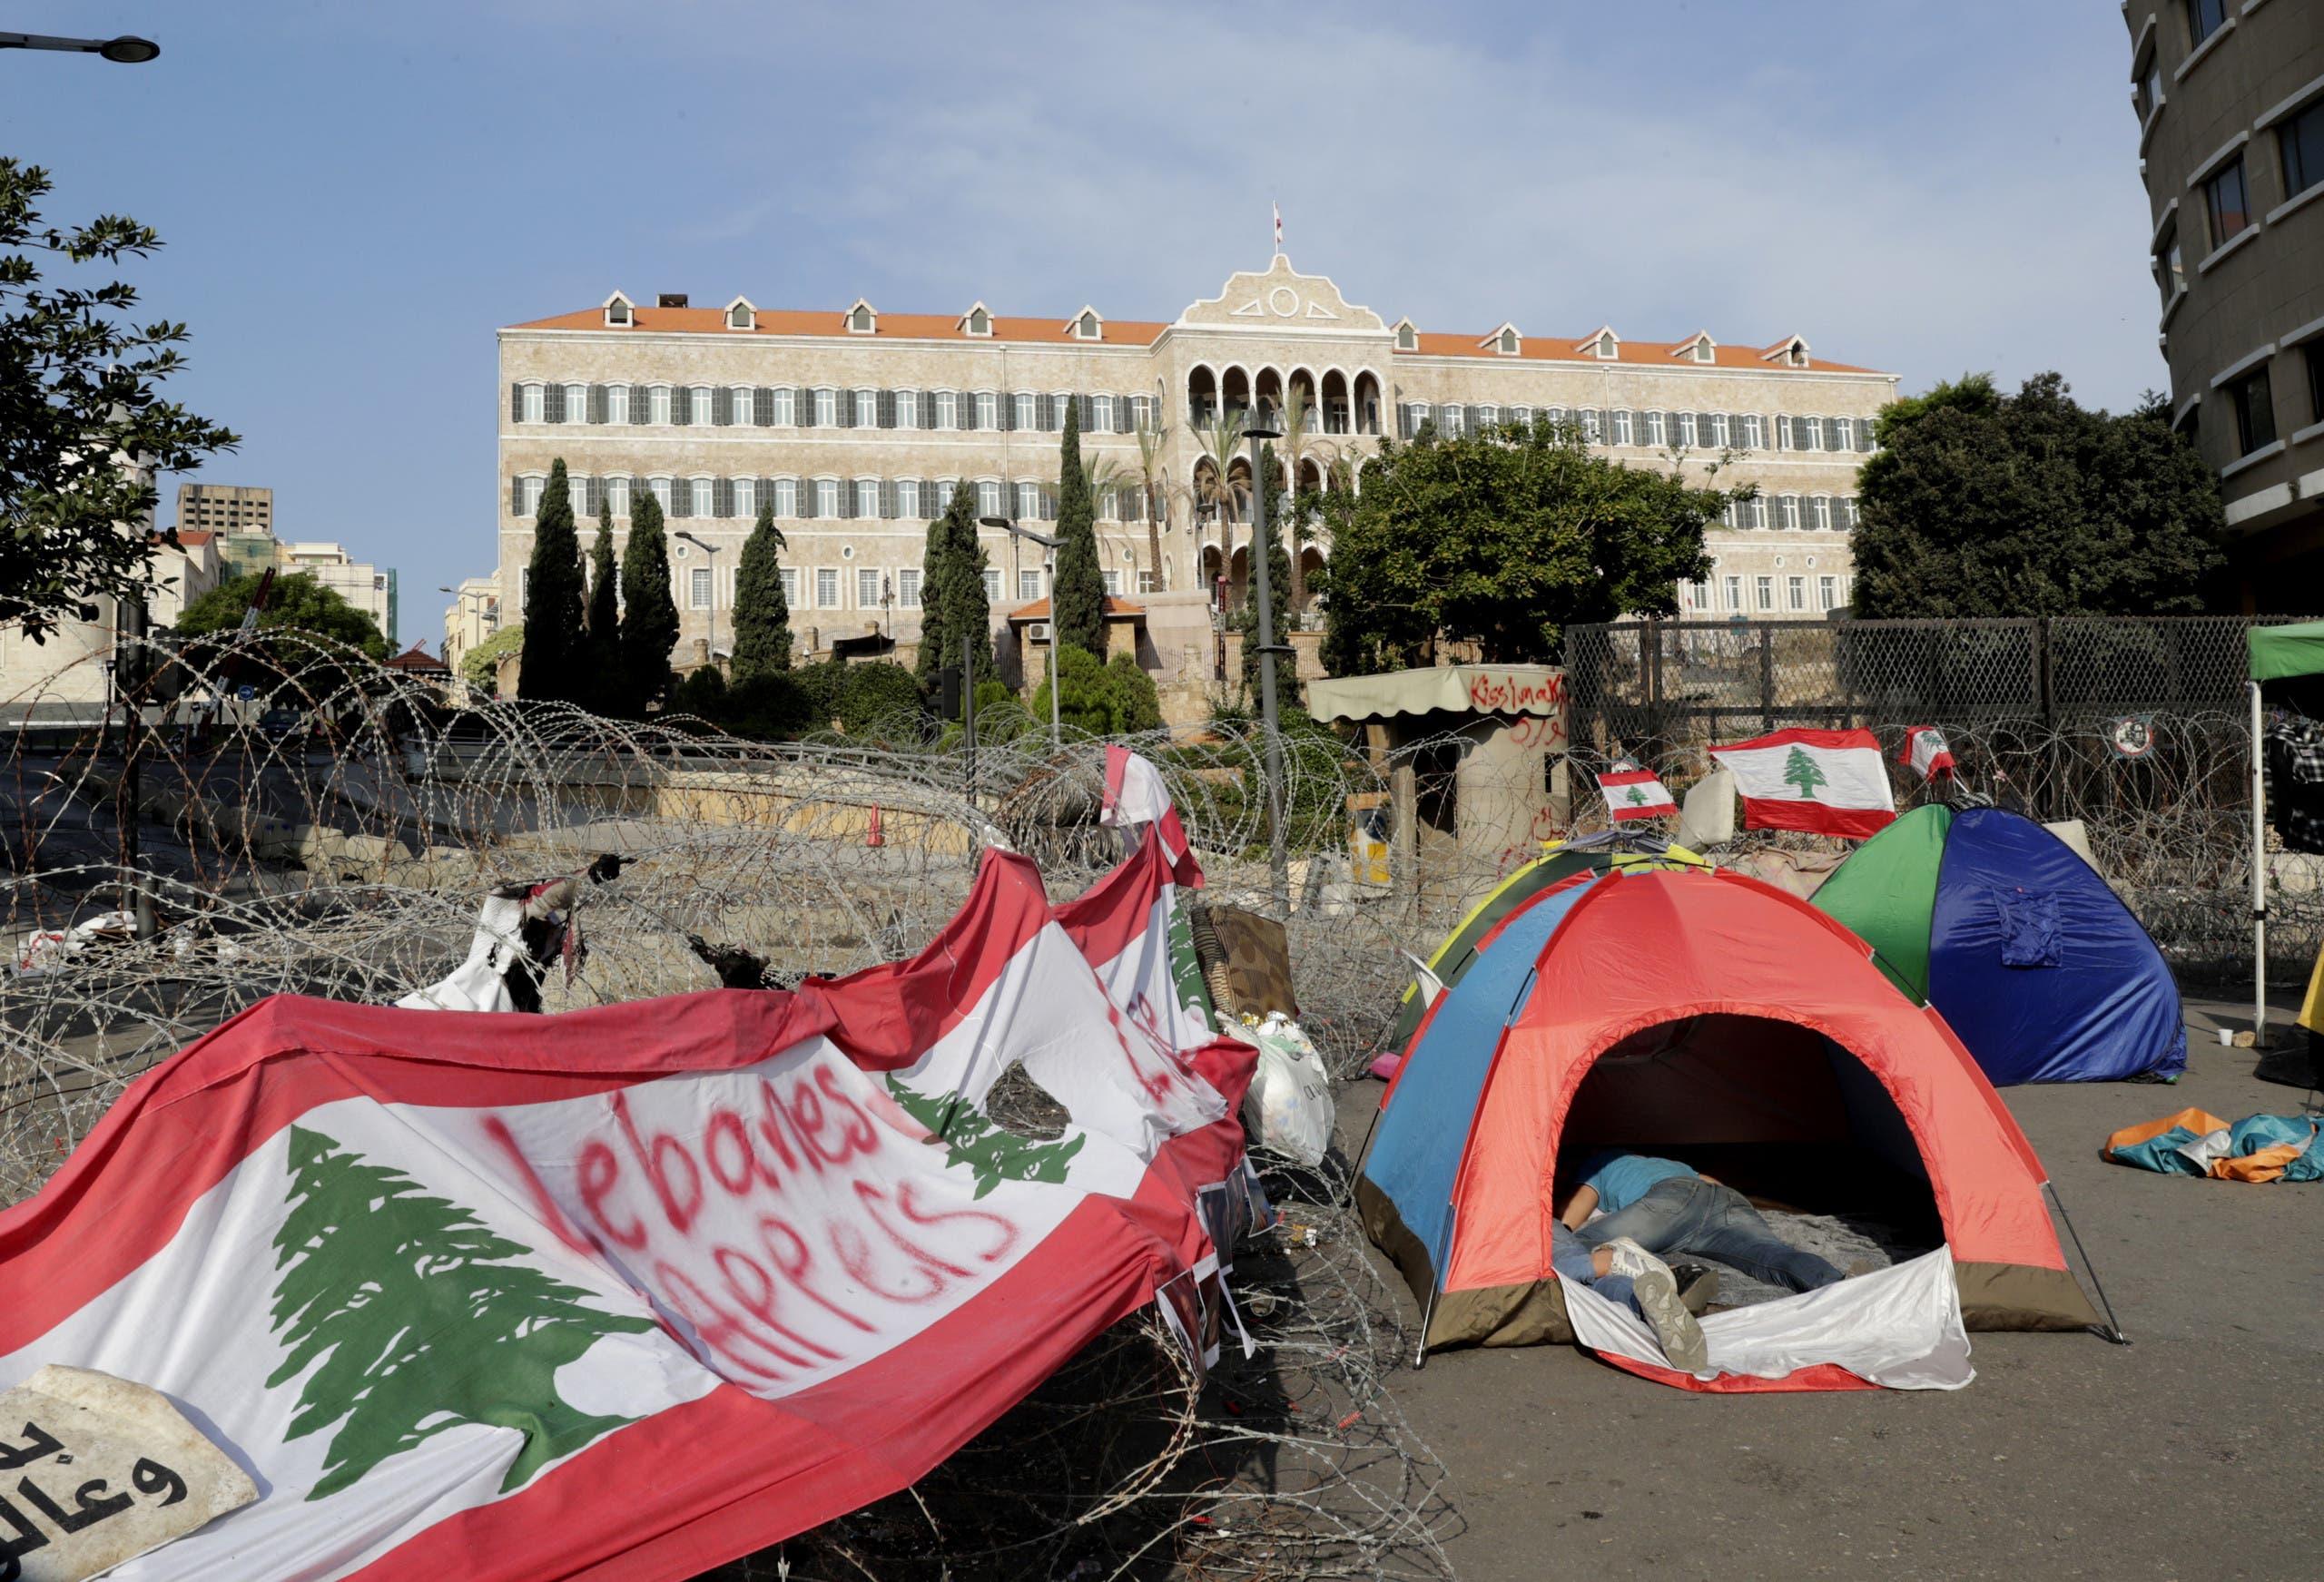 خيم المحتجين الذين باتوا ليلتهم في ساحة الاعتصام قبالة السراي الحكومي في بيروت